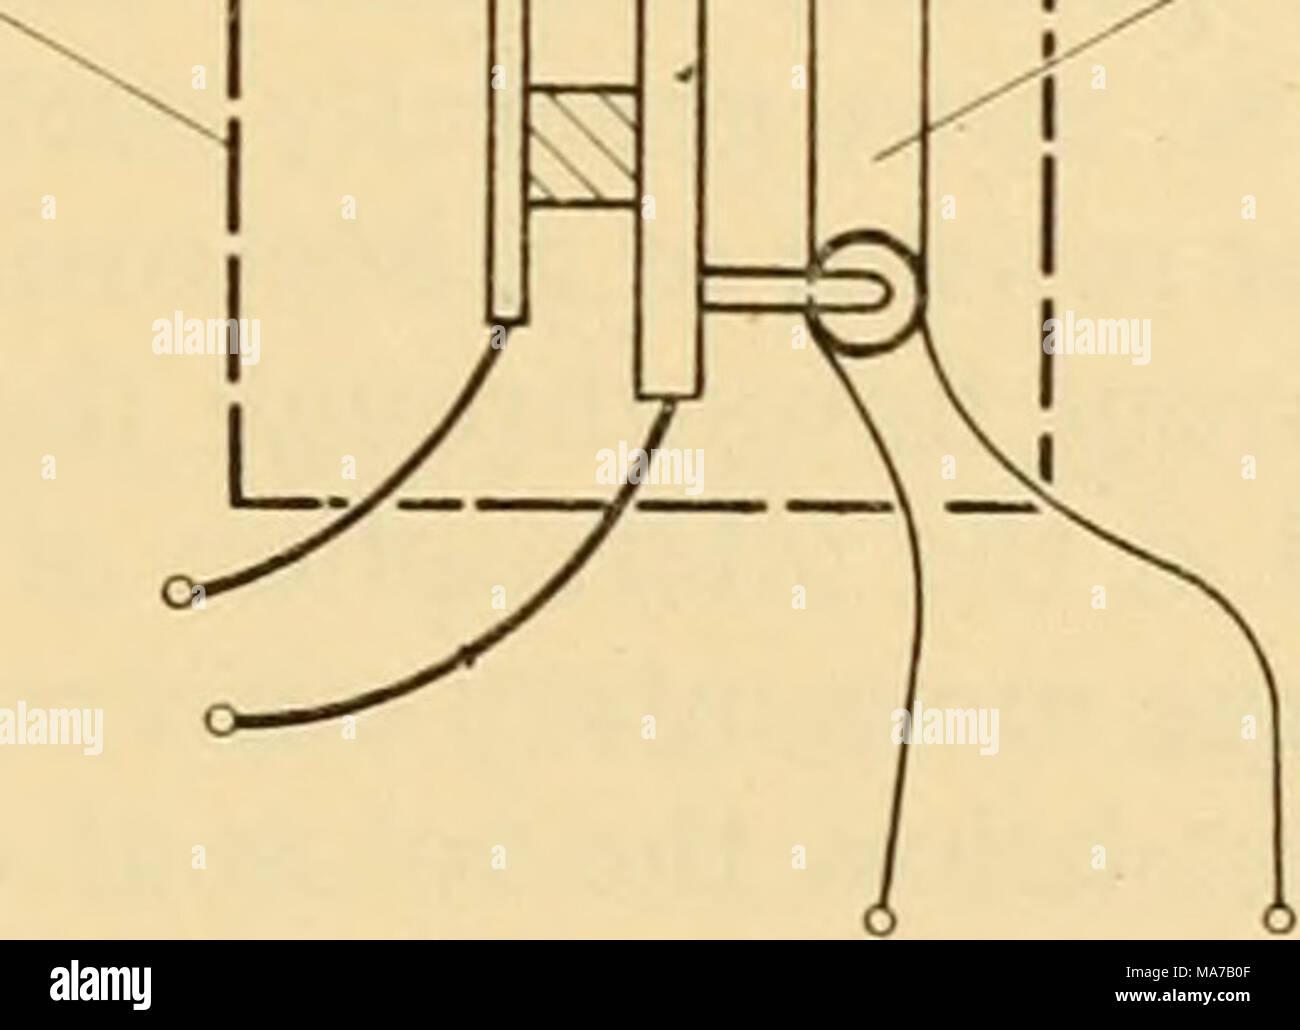 Nett Drahtwicklung Fotos - Schaltplan Serie Circuit Collection ...